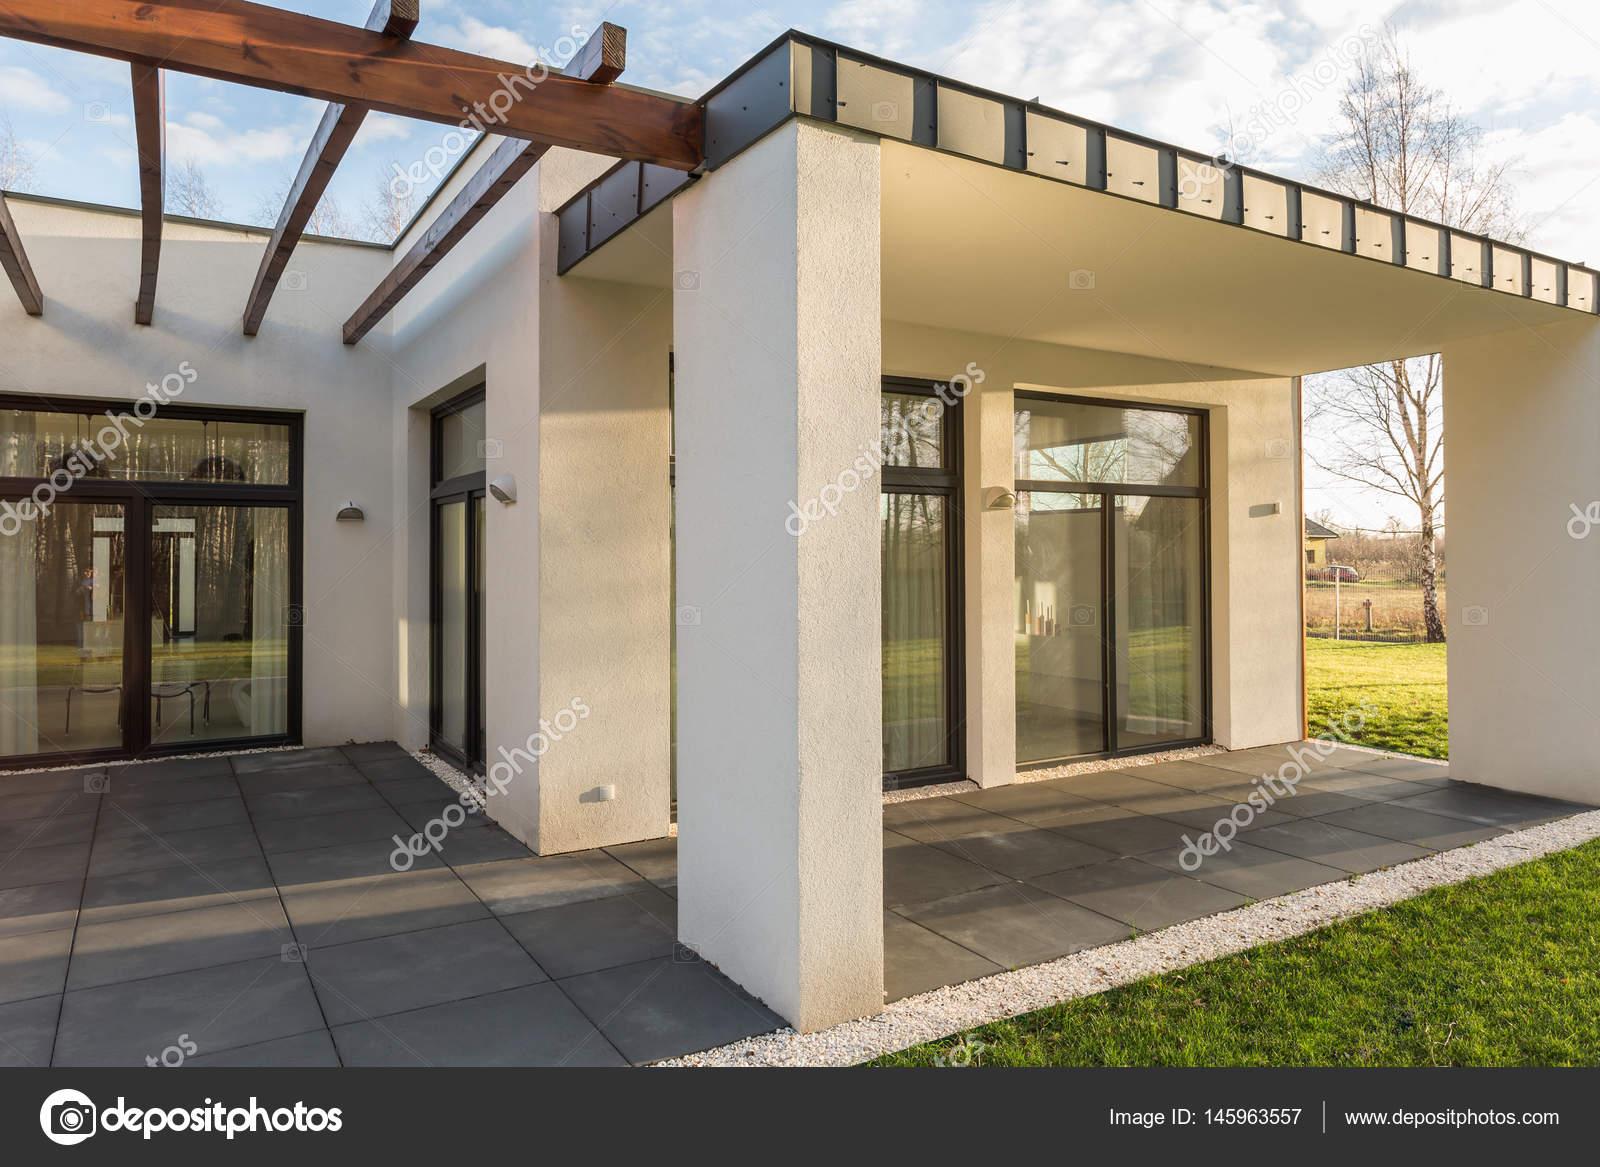 Huis terras met pergola en tuin u stockfoto photographee eu